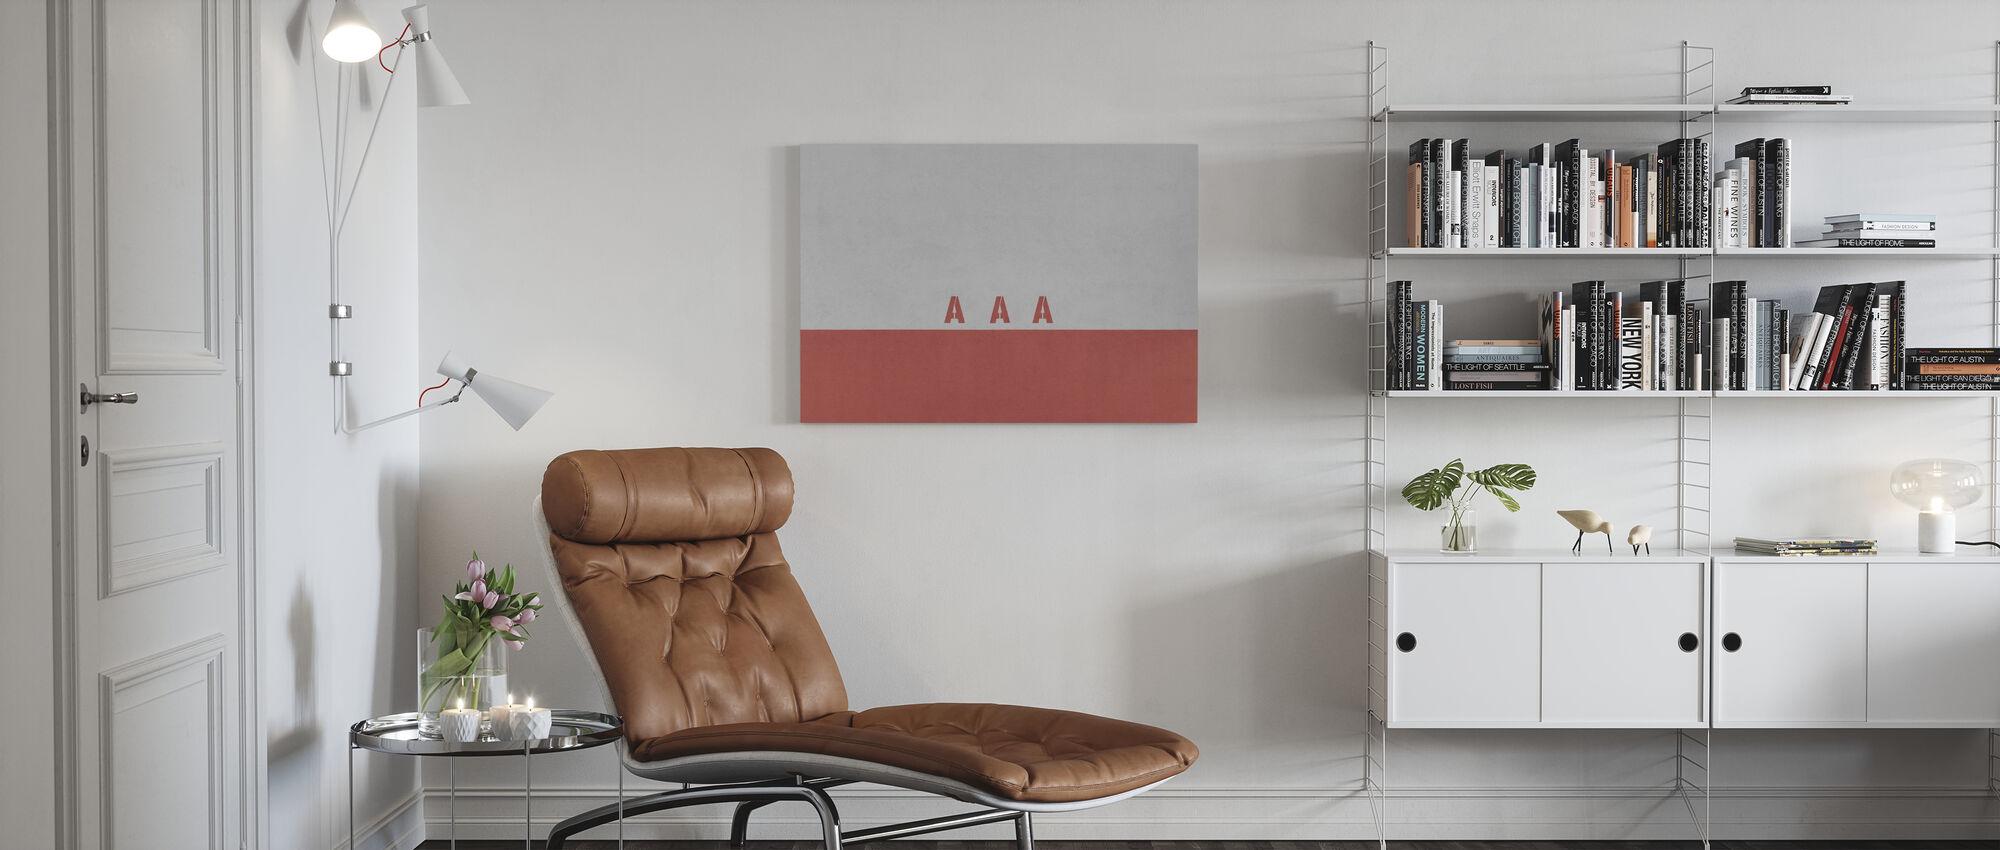 AAA Wall - Canvas print - Living Room